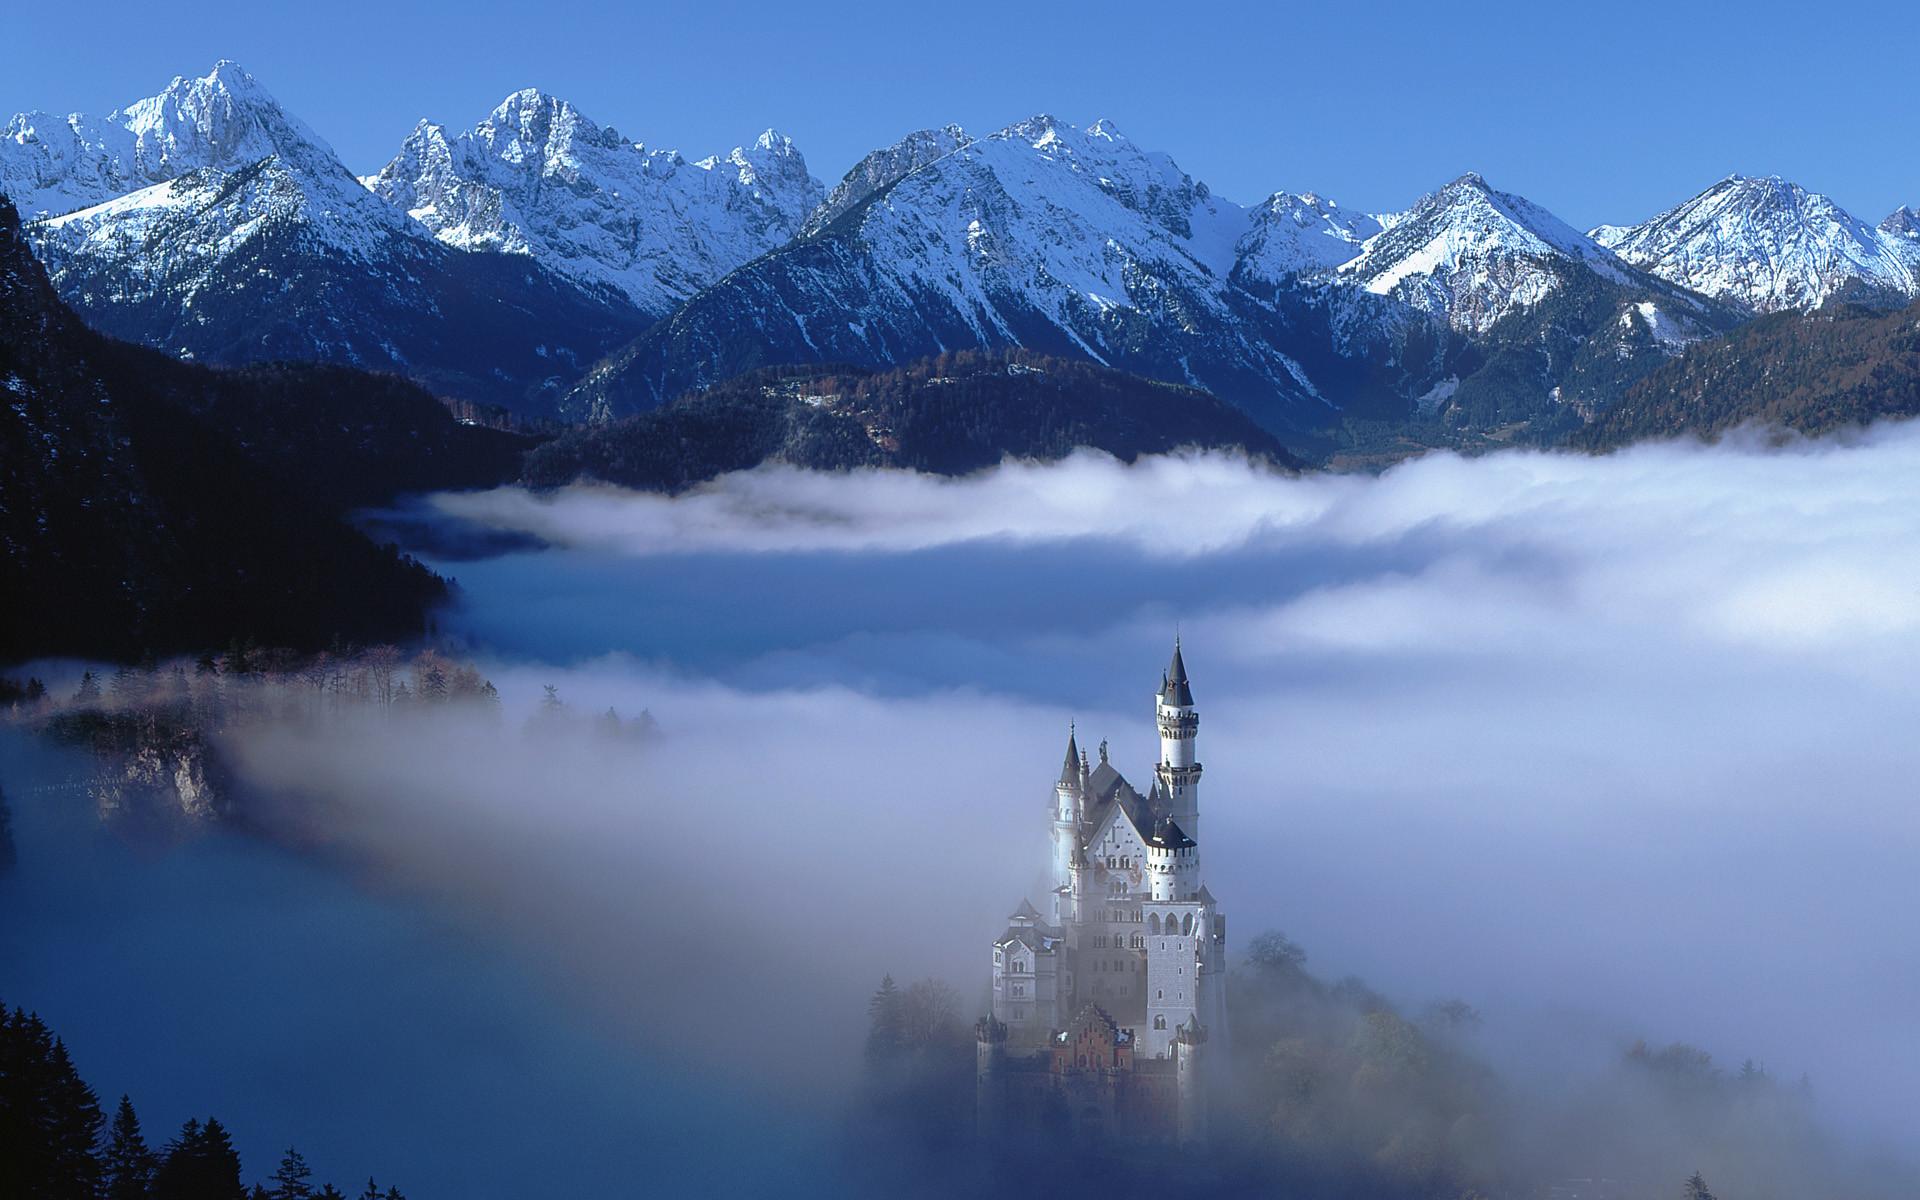 Schloß Neuschwanstein nahe Füssen im Nebel, Deutschland (Neuschwanstein  Castle surrounded by fog near Füssen